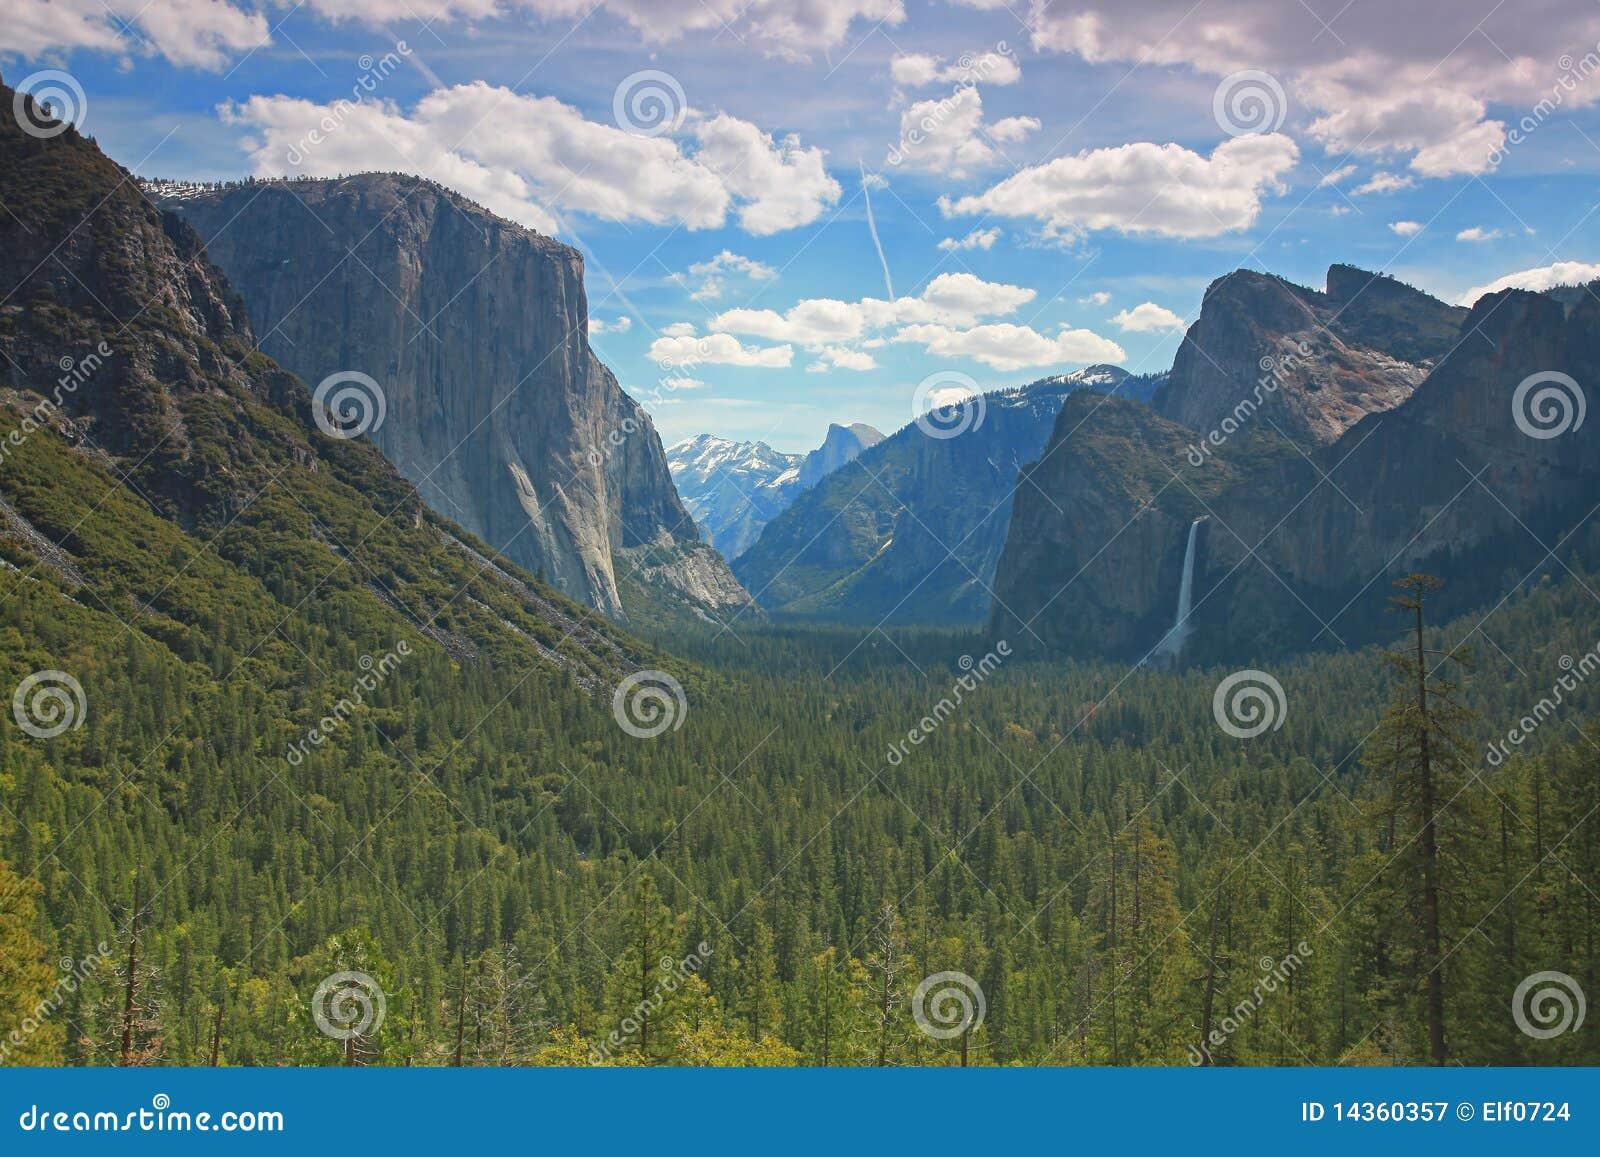 f22941813b Parque Nacional De Yosemite - Opinión Del Túnel Imagen de archivo ...